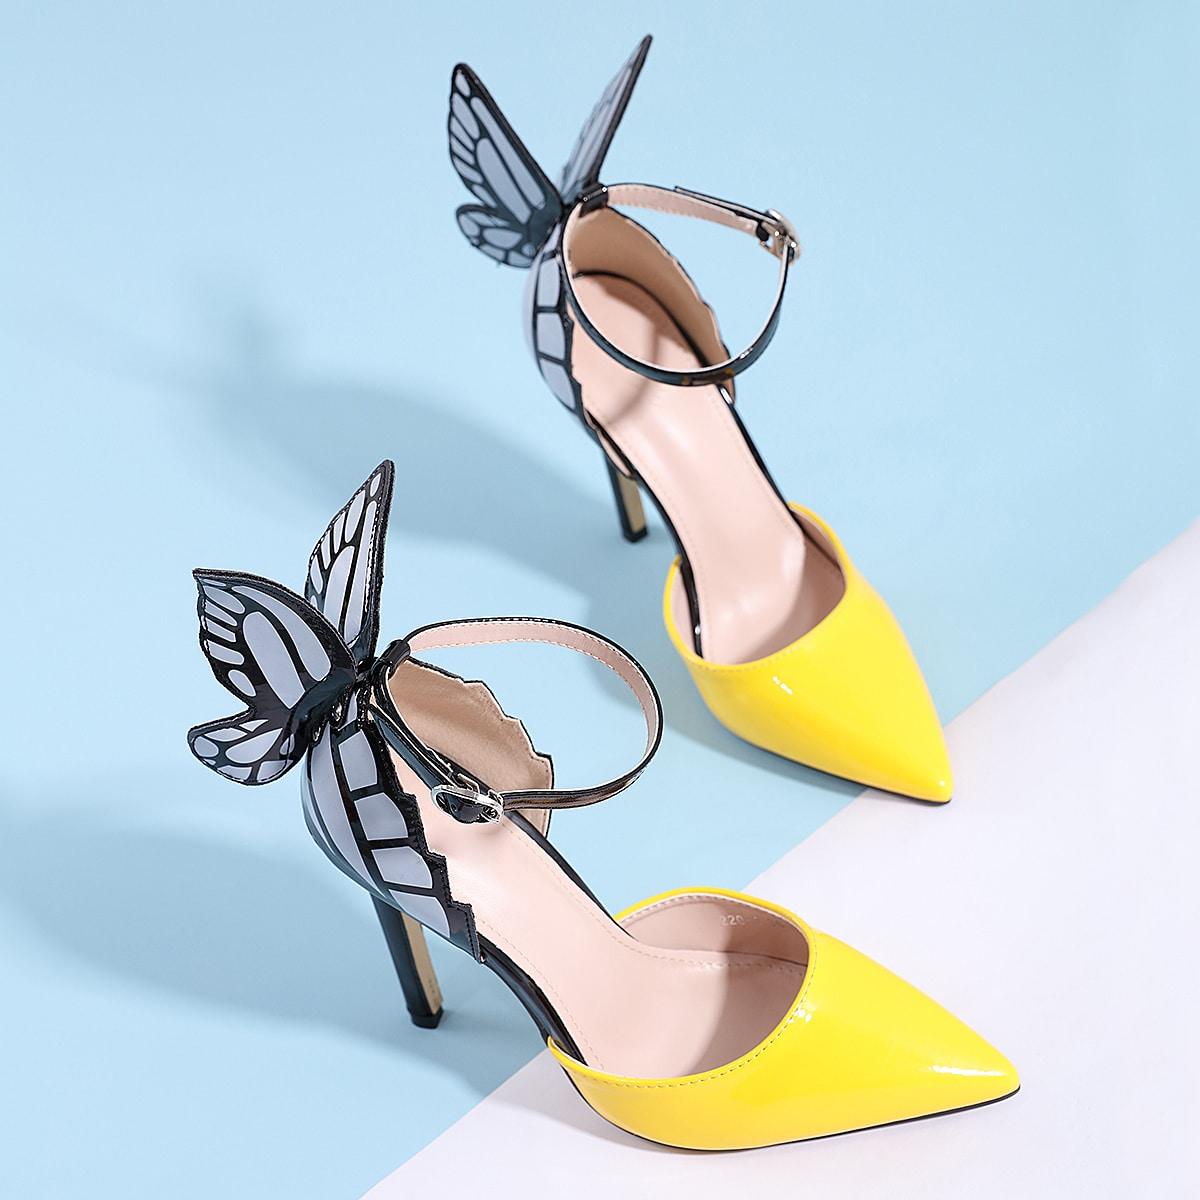 Остроконечные туфли на шпильках с бабочкой